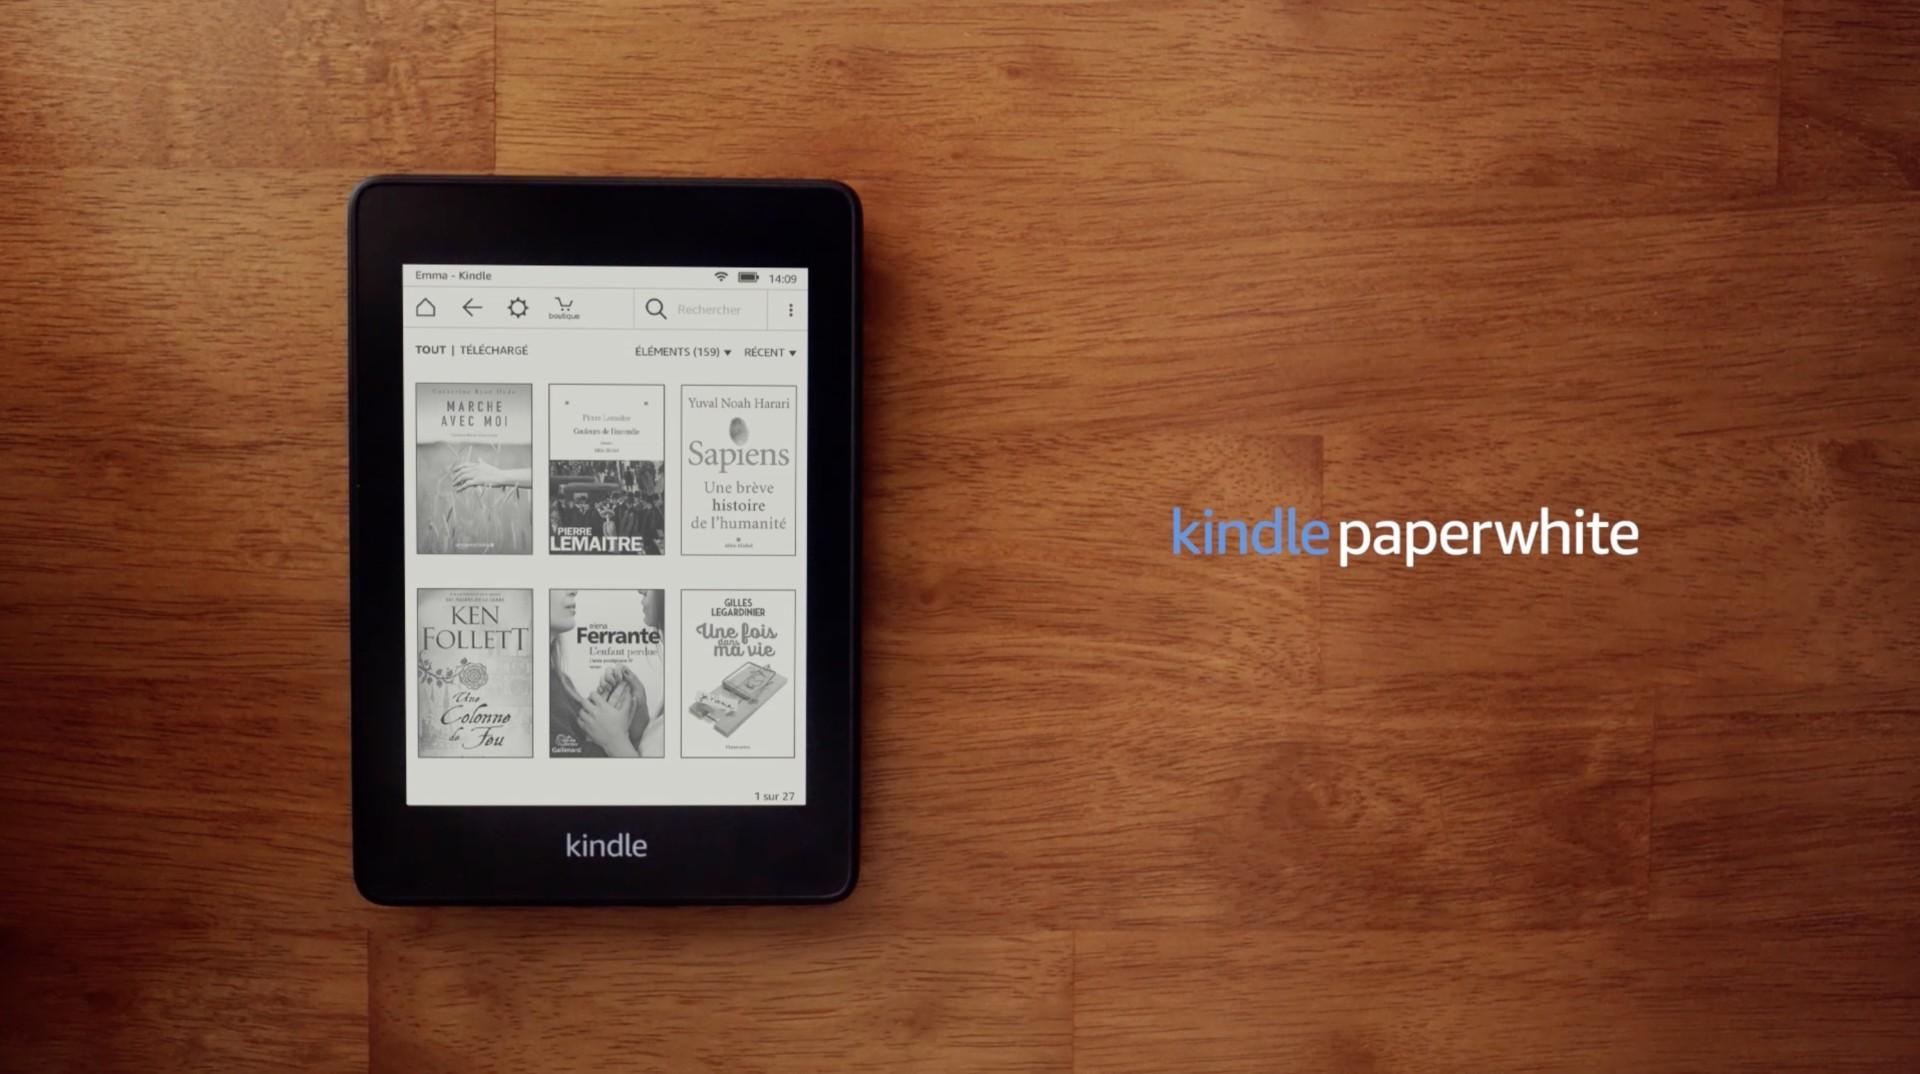 Amazon Propose Un Kindle Paperwhite Resistant A L Eau